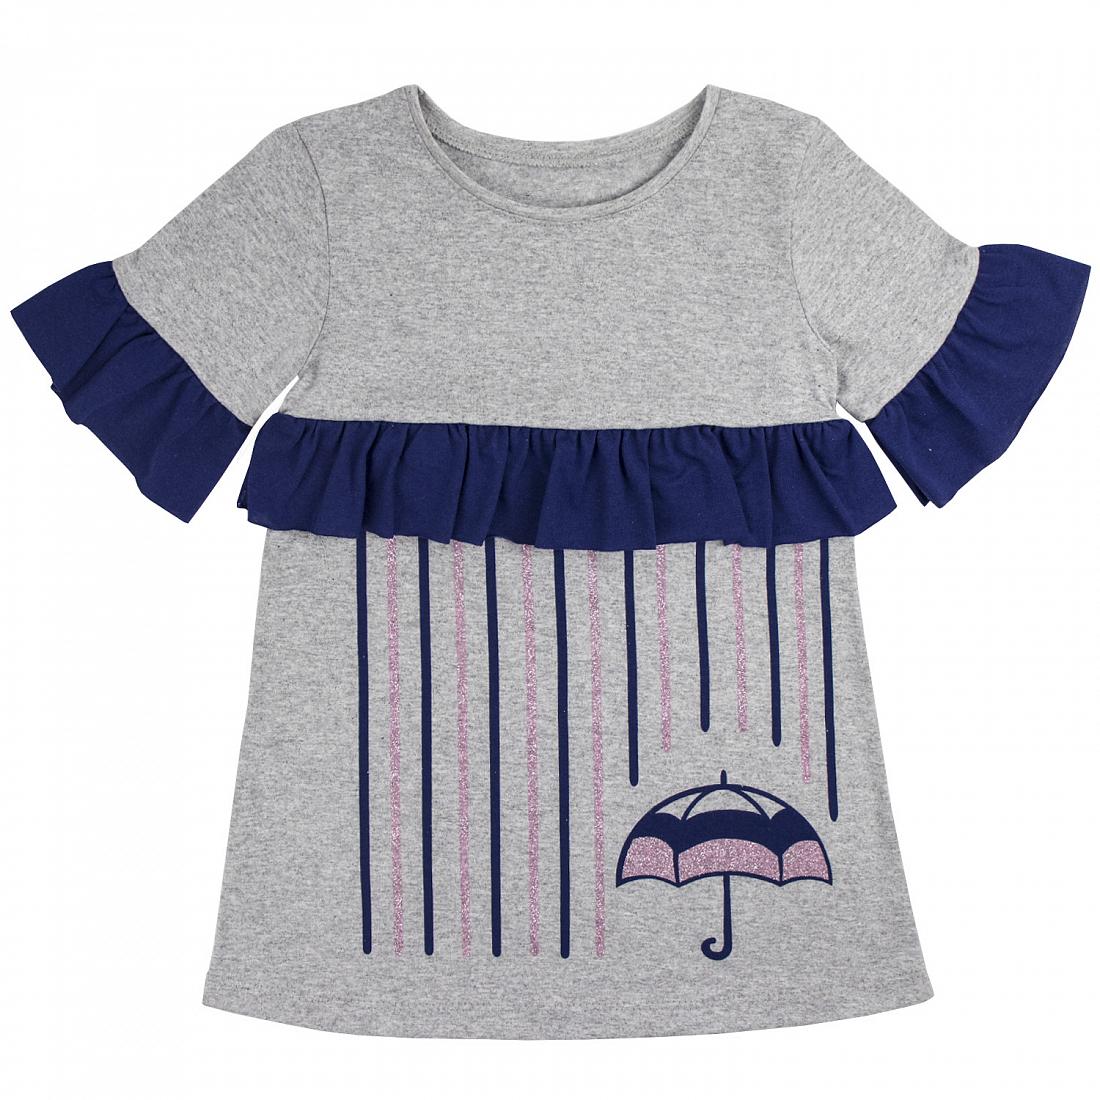 Купить 900 к ап, Платье детское Юлла, цв. серый р. 122, Платья для девочек